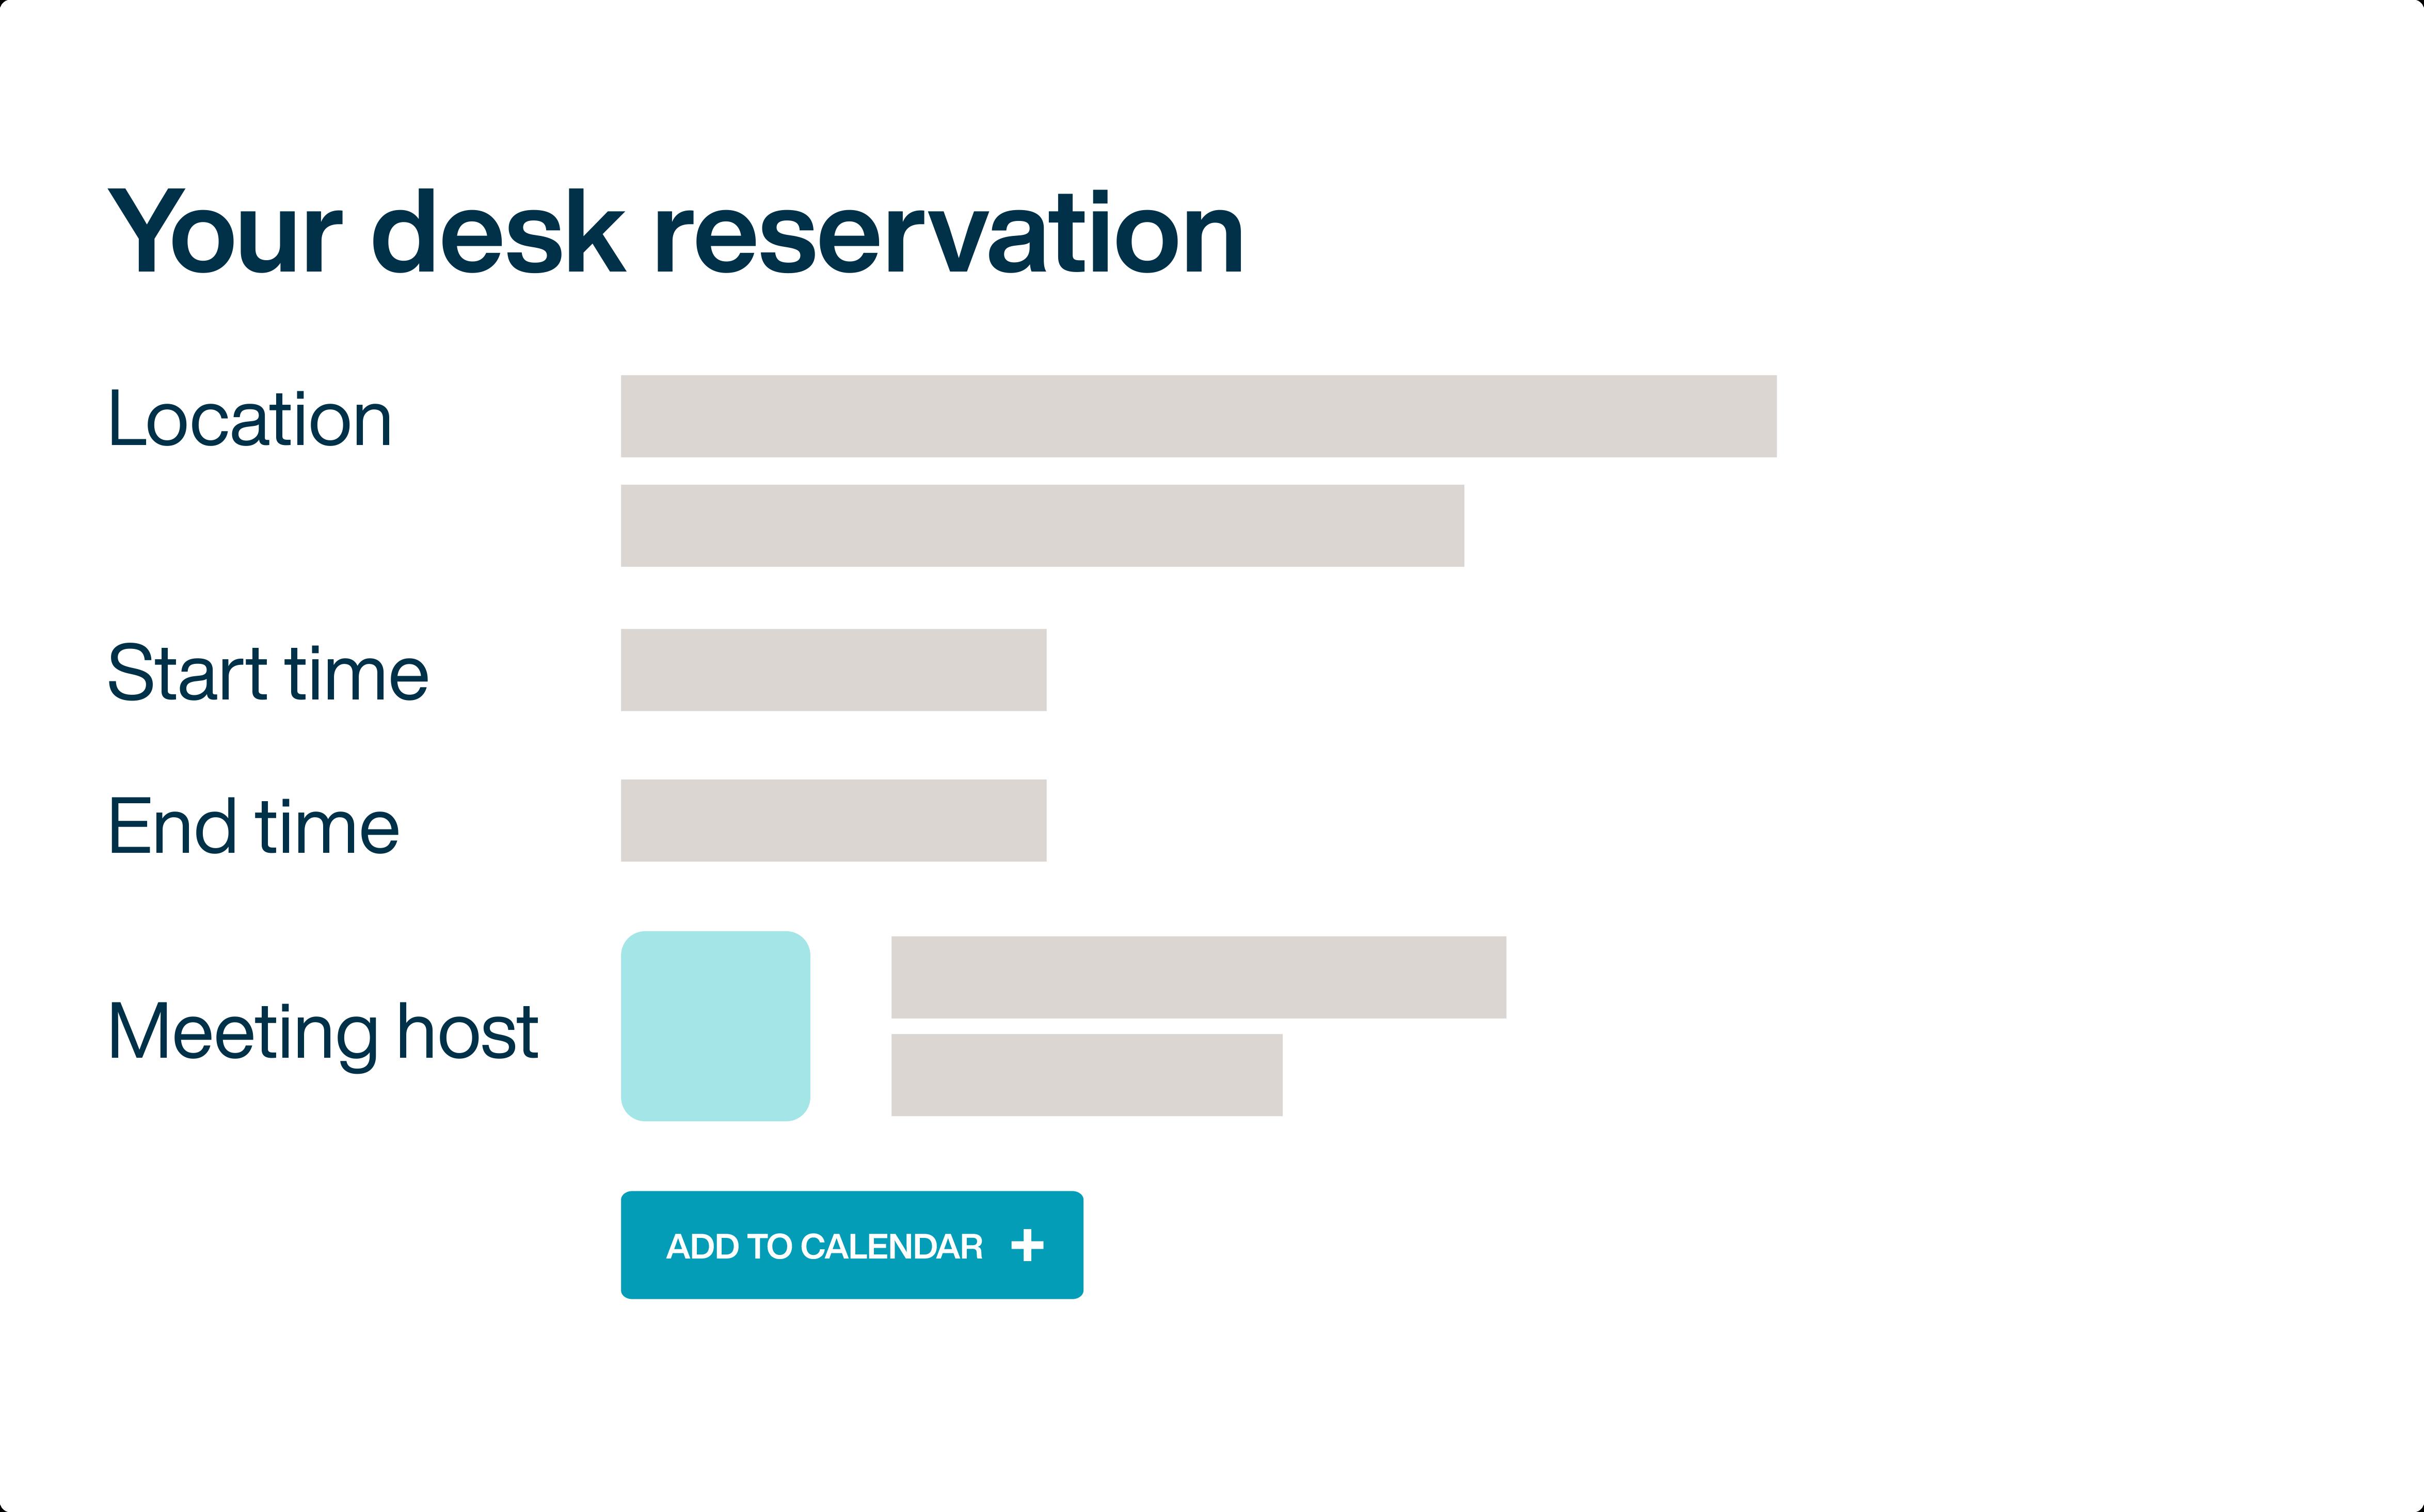 Desk reservation details